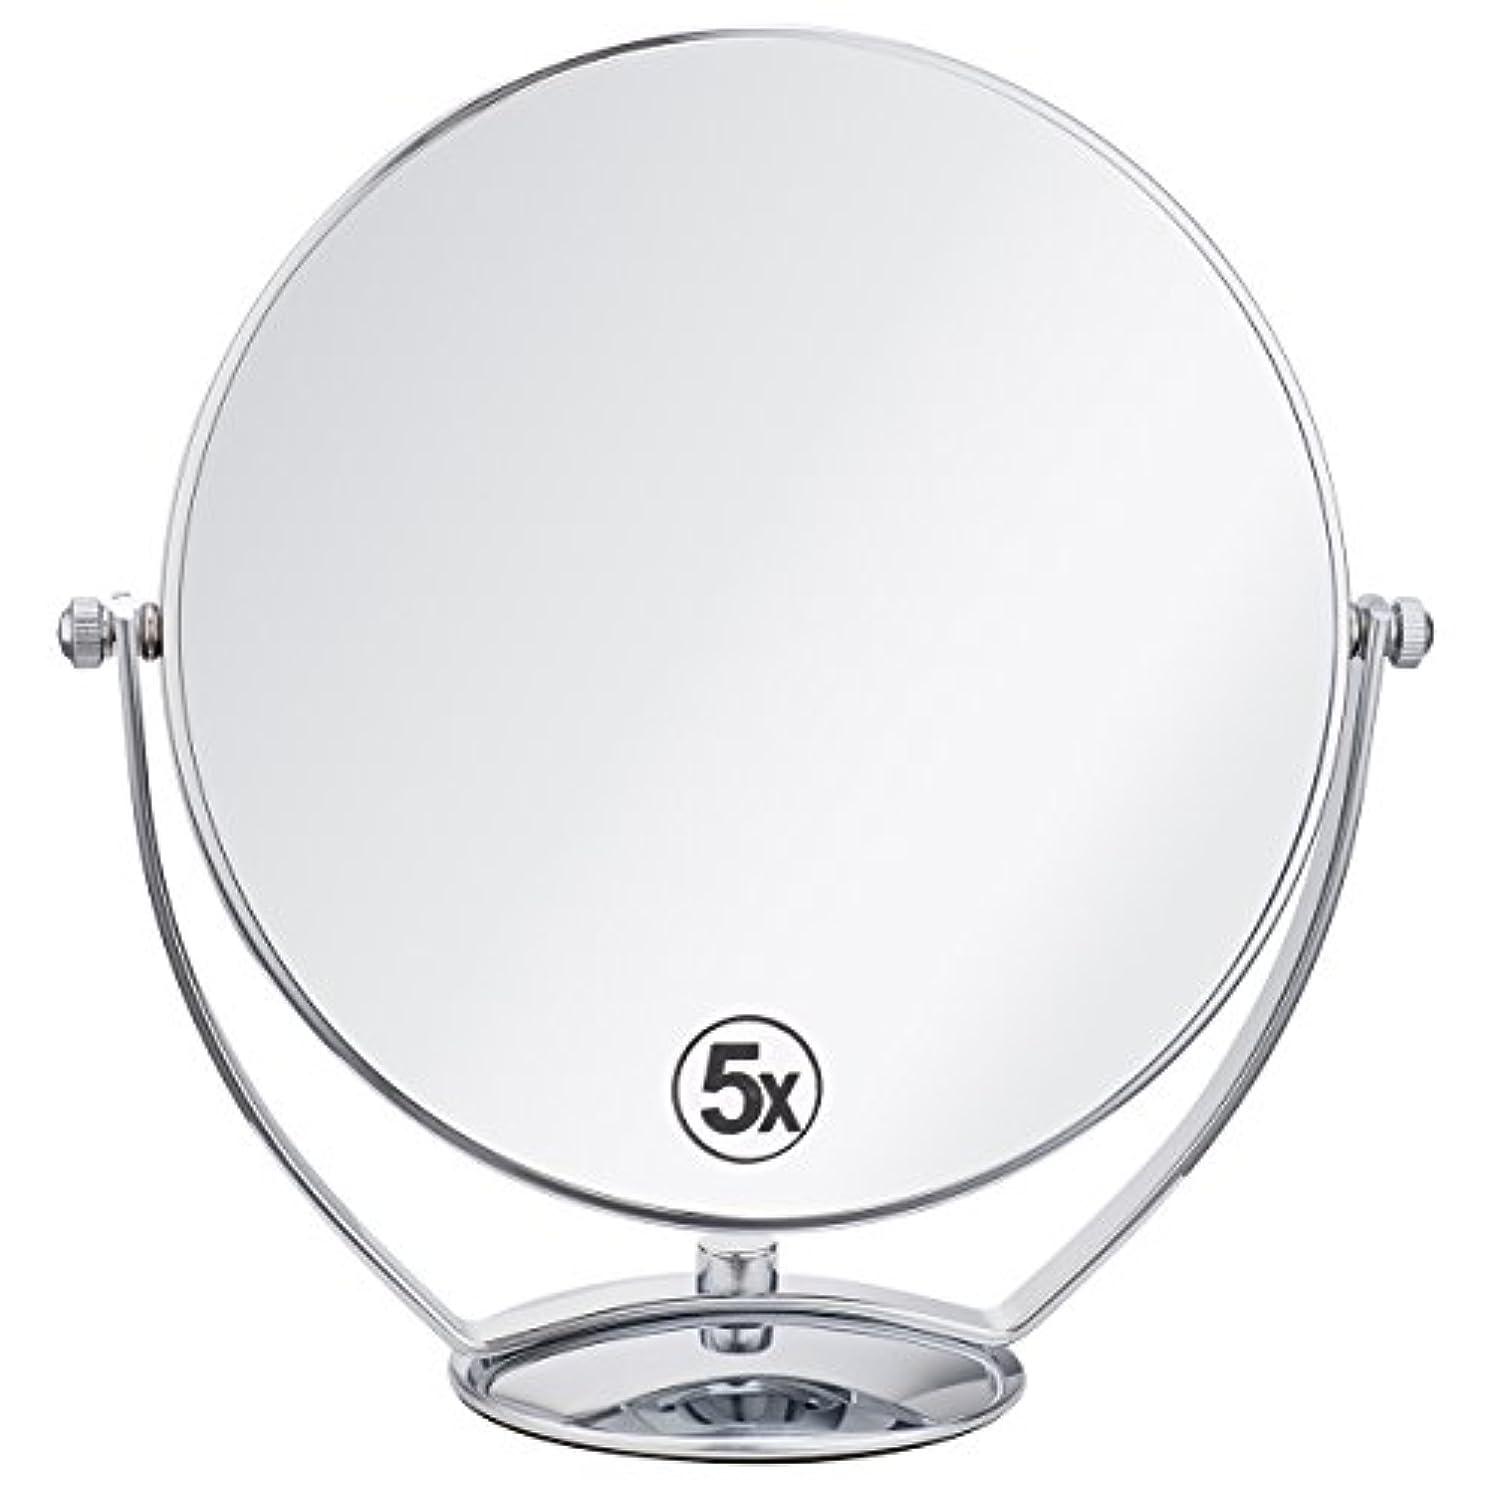 フォーマル毎週エレベーター(セーディコ)Cerdeco 西洋風鏡 真実の両面鏡DX 5倍拡大鏡+等倍鏡 両面化粧鏡 360度回転 卓上鏡 スタンドミラー メイク道具 大きい鏡面φ198mm j823